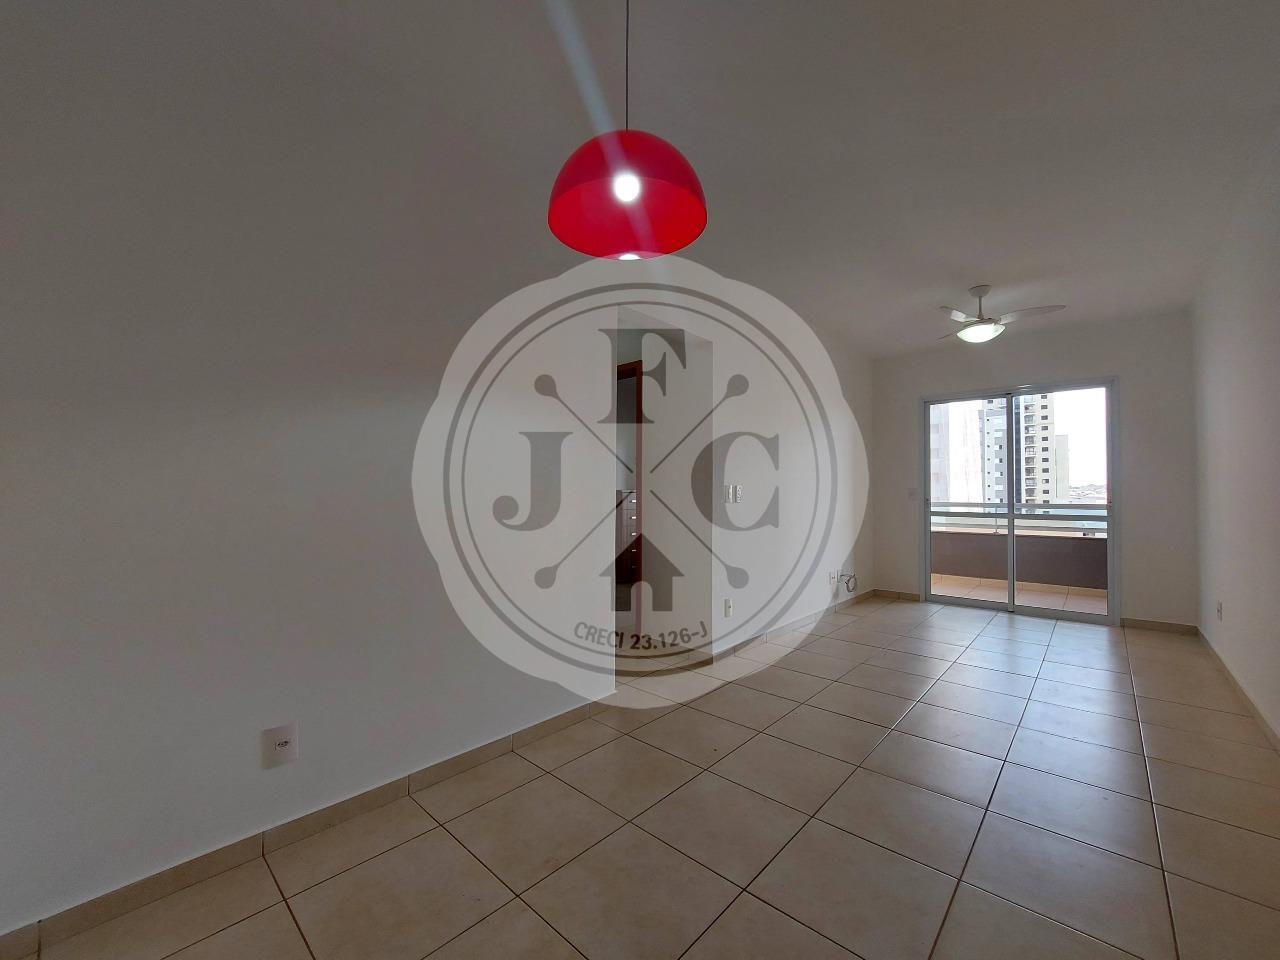 Apartamento para locação com 2 dormitórios sendo 1 suíte no bairro Nova Aliança.